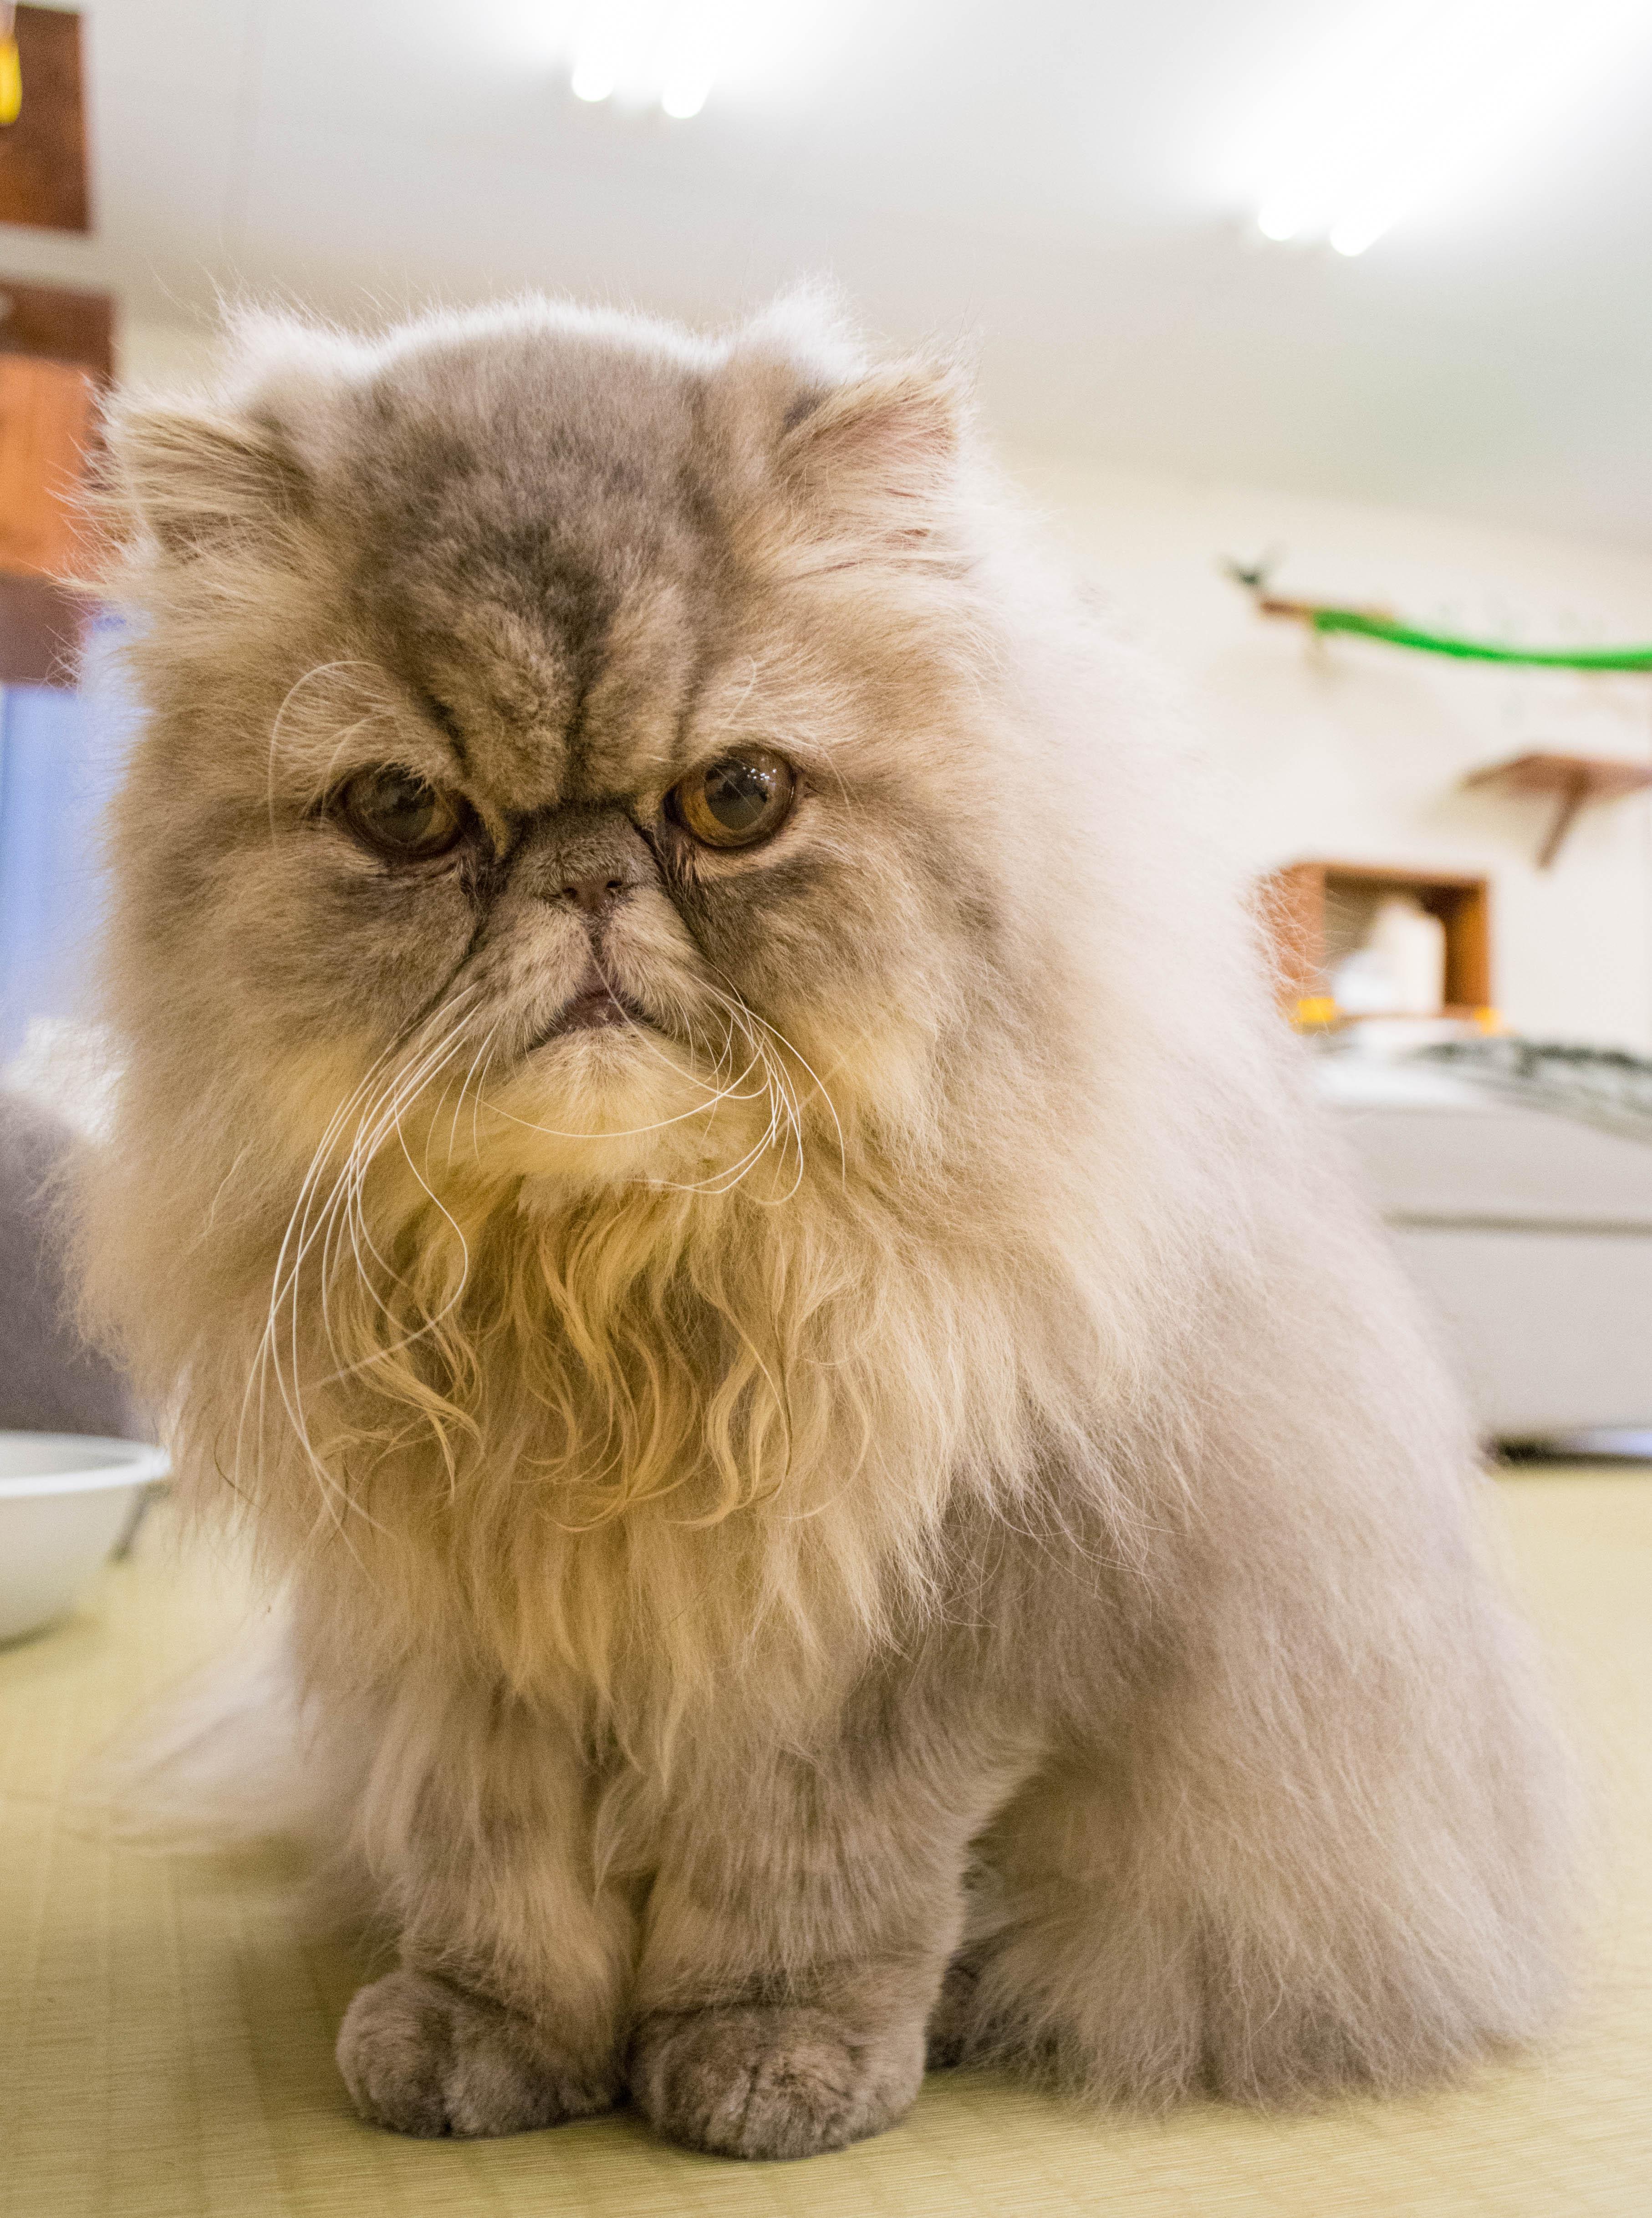 大阪梅田の猫カフェにあにゃあもずく